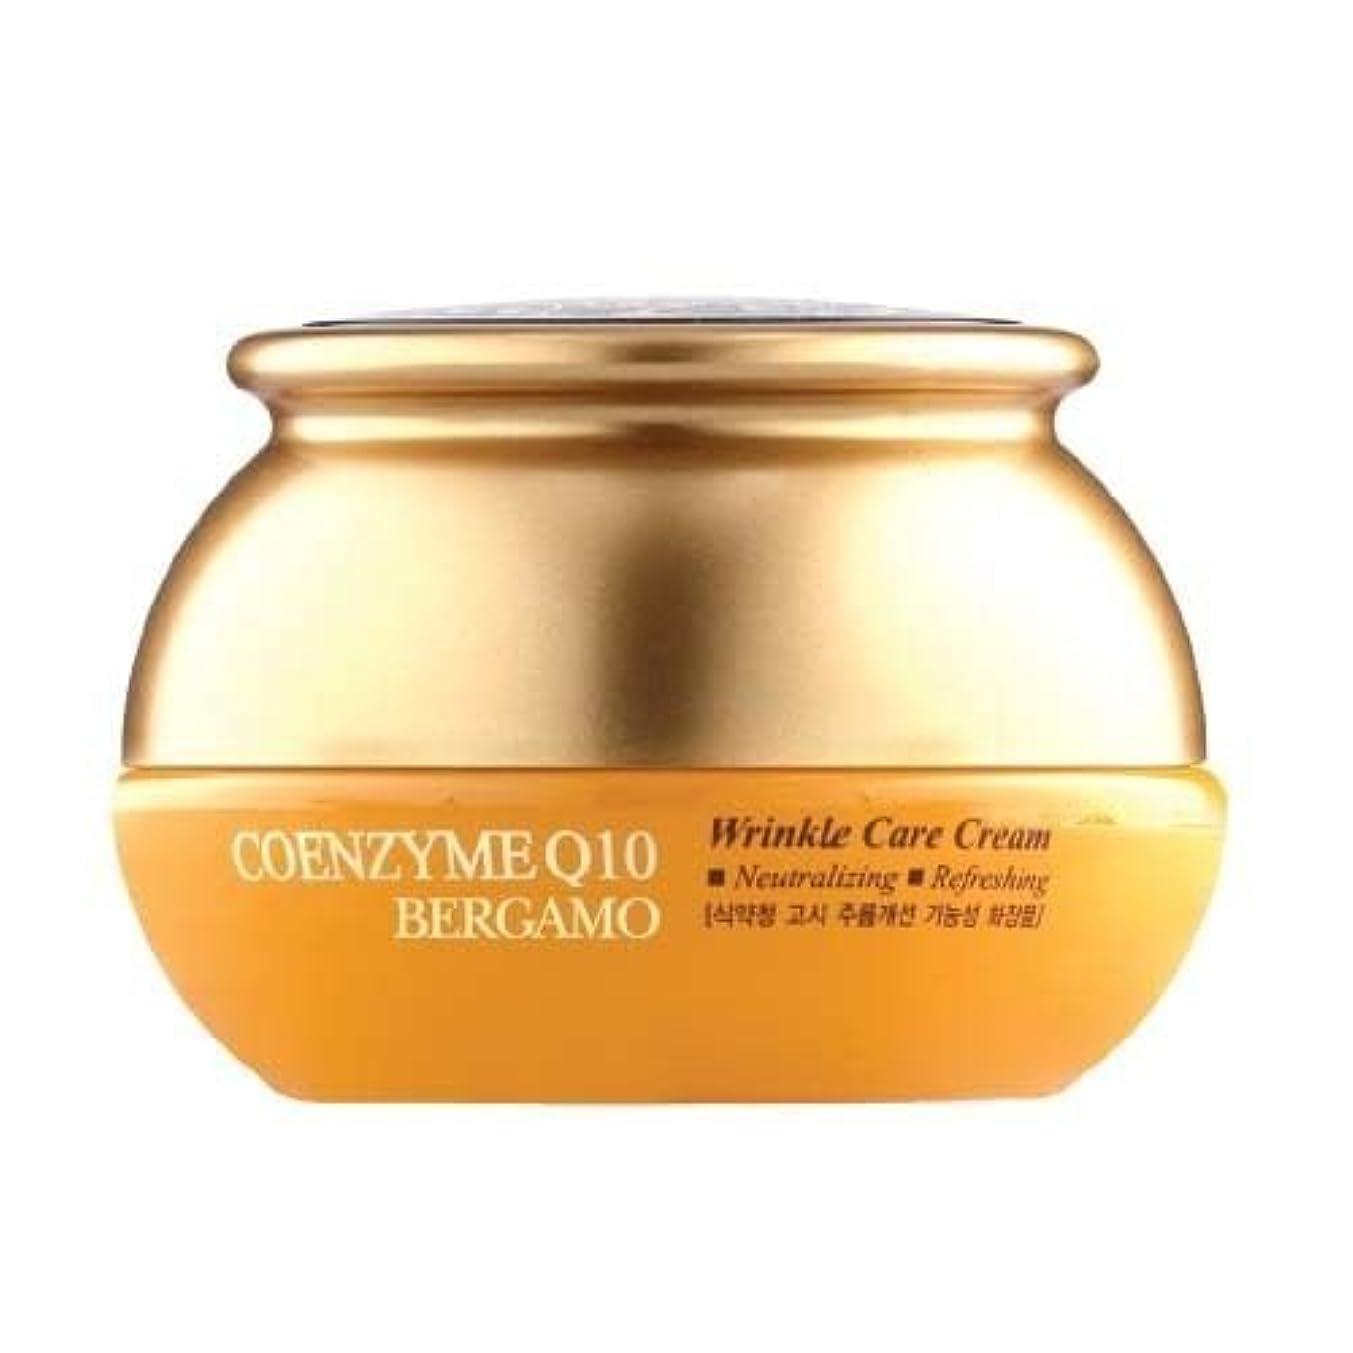 収容するお願いします飛ぶベルガモ[韓国コスメBergamo]Coenzyme Q10 Wrinkle Care Cream コエンザイムQ10リンクルケアクリーム50ml しわ管理 [並行輸入品]